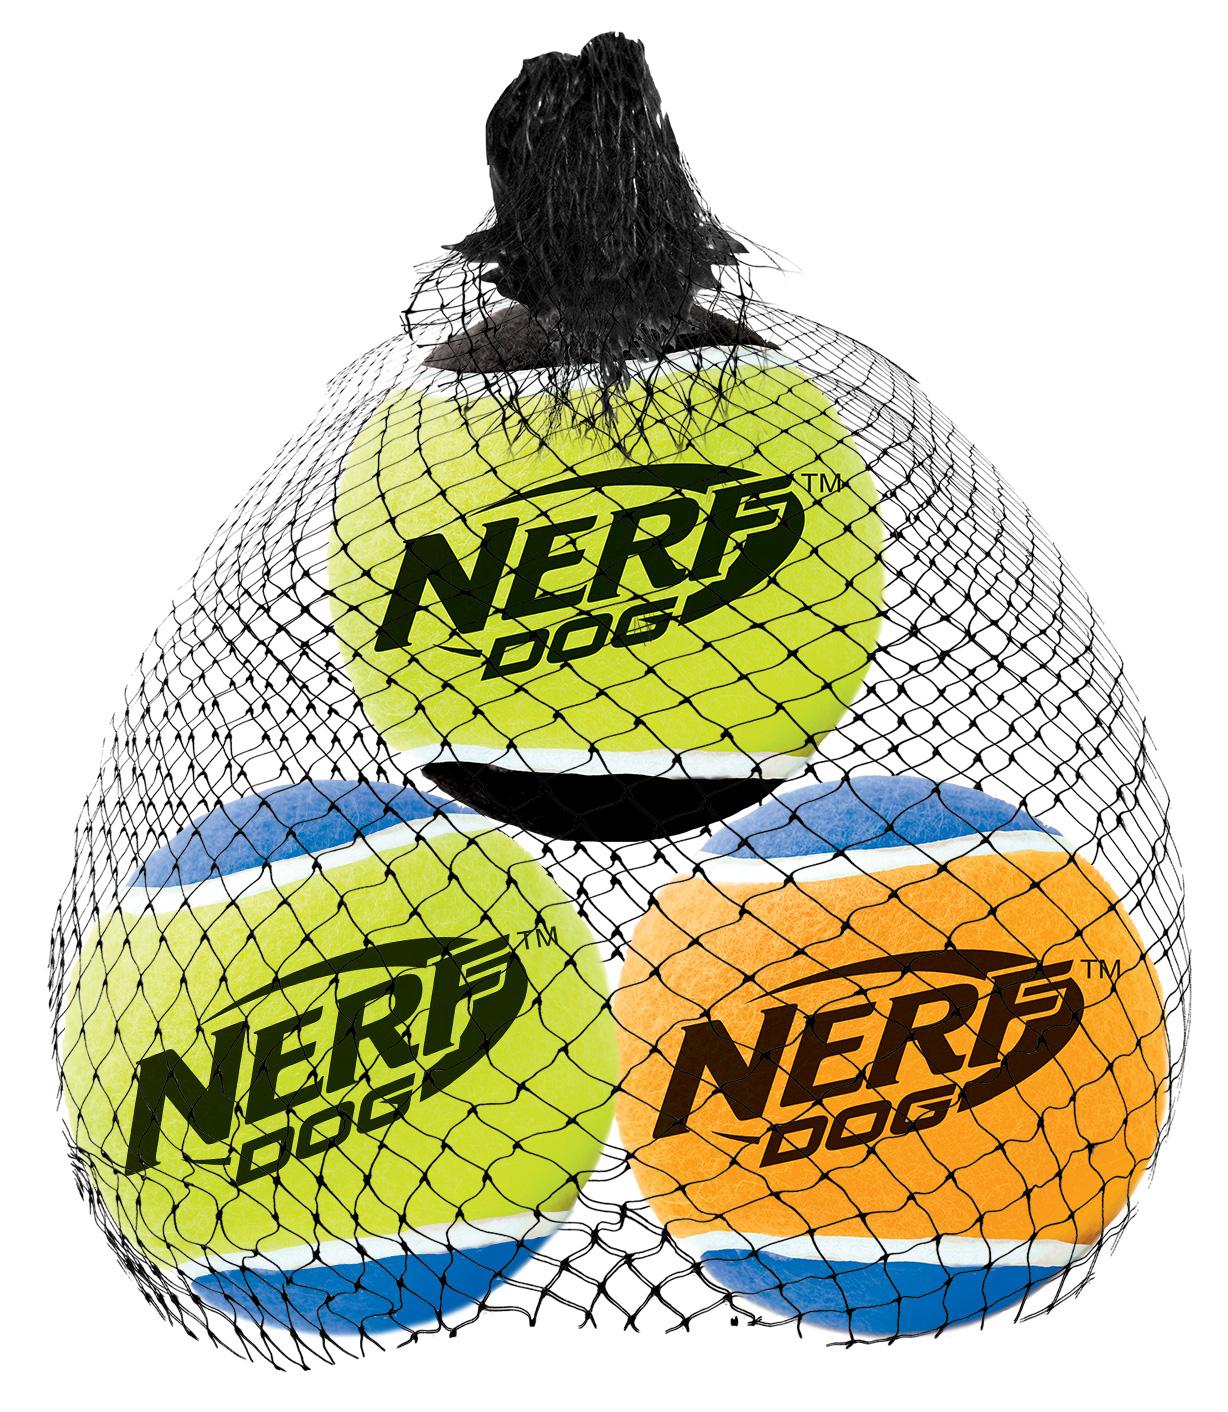 Игрушка для собак Nerf Мяч теннисный, пищащий, диаметр 5 см, 3 шт18647Мячи теннисные (3 шт.) из прочной высококачественной резины! Оснащены пищалкой! Яркие привлекательные цвета! Оптимальный вариант для игры с вашим питомцем! Игрушки Nerf Dog представлены в различных сериях в зависимости от рисунка, фактуры и материала, из которого они изготовлены (резина, ТПР, нейлон, пластик, каучук). Размер: 5 см, S.